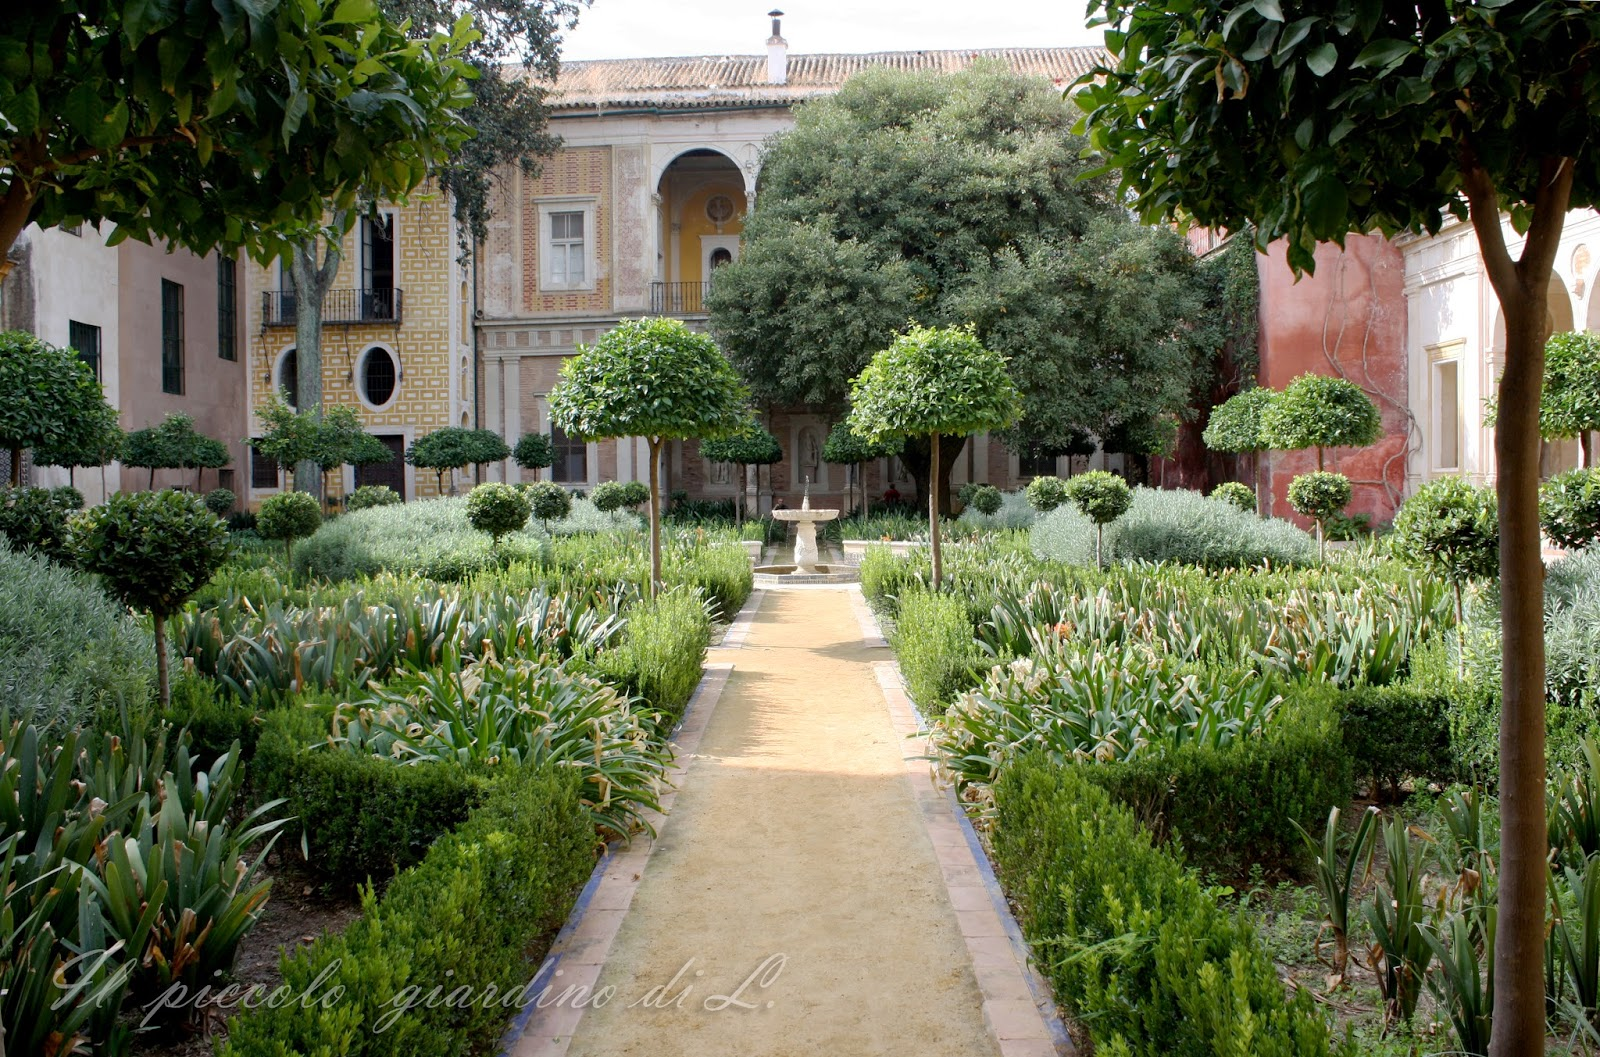 Il piccolo giardino di L.: Giardini storici andalusi (Seconda ...